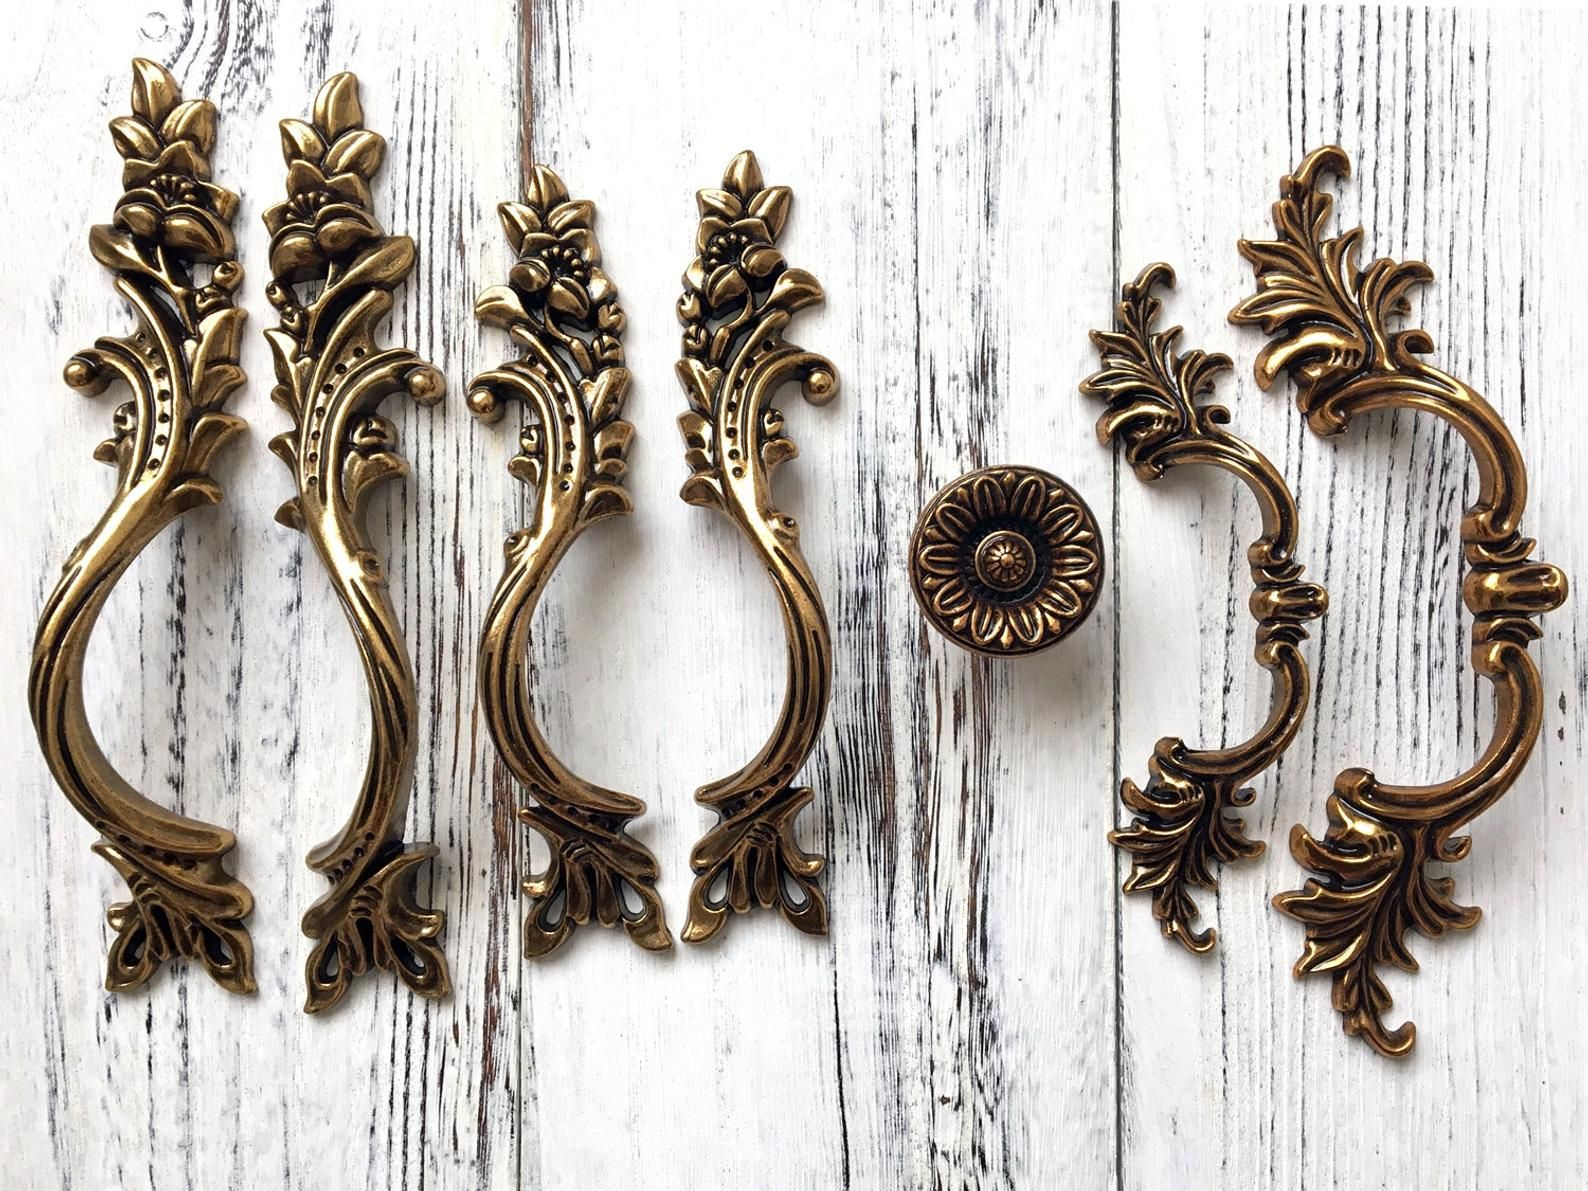 Antique Gold Brass Cabinet Door Handle Pulls Drawer Pull Etsy Drawer Pulls Cabinet Door Handles Door Handles